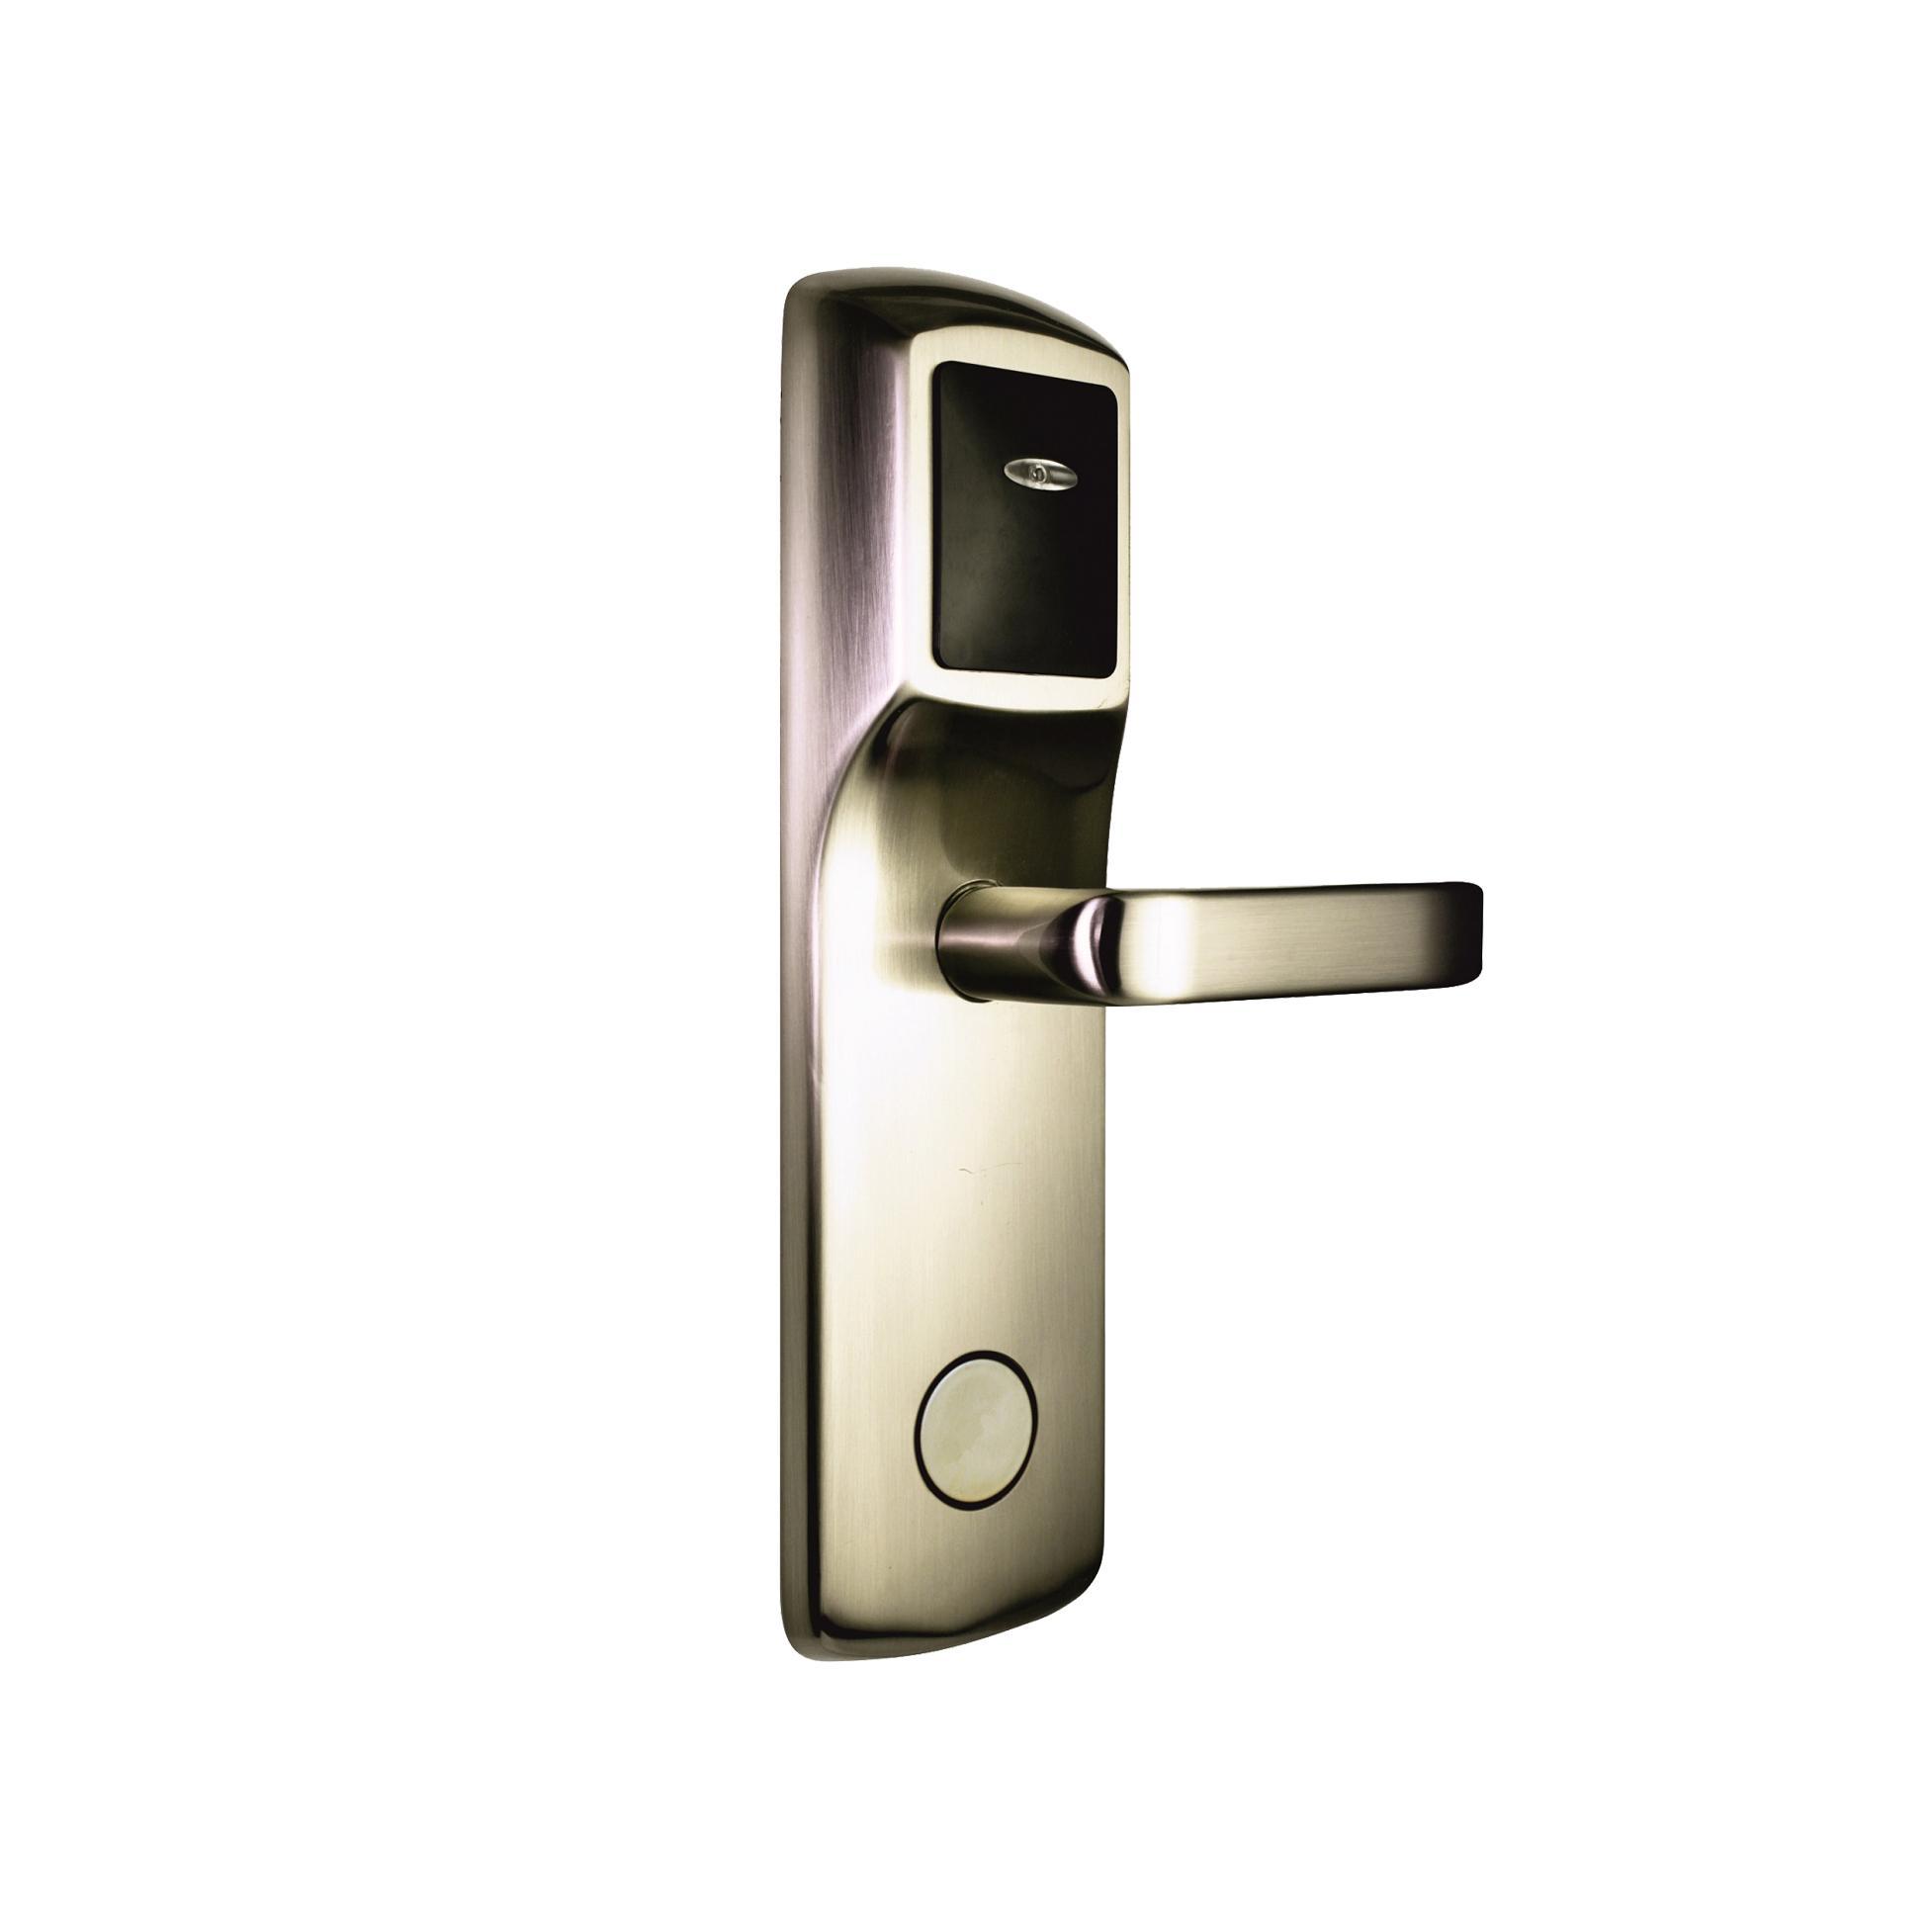 rfid elektronisches türschloss für hotels: zugangskontrolle